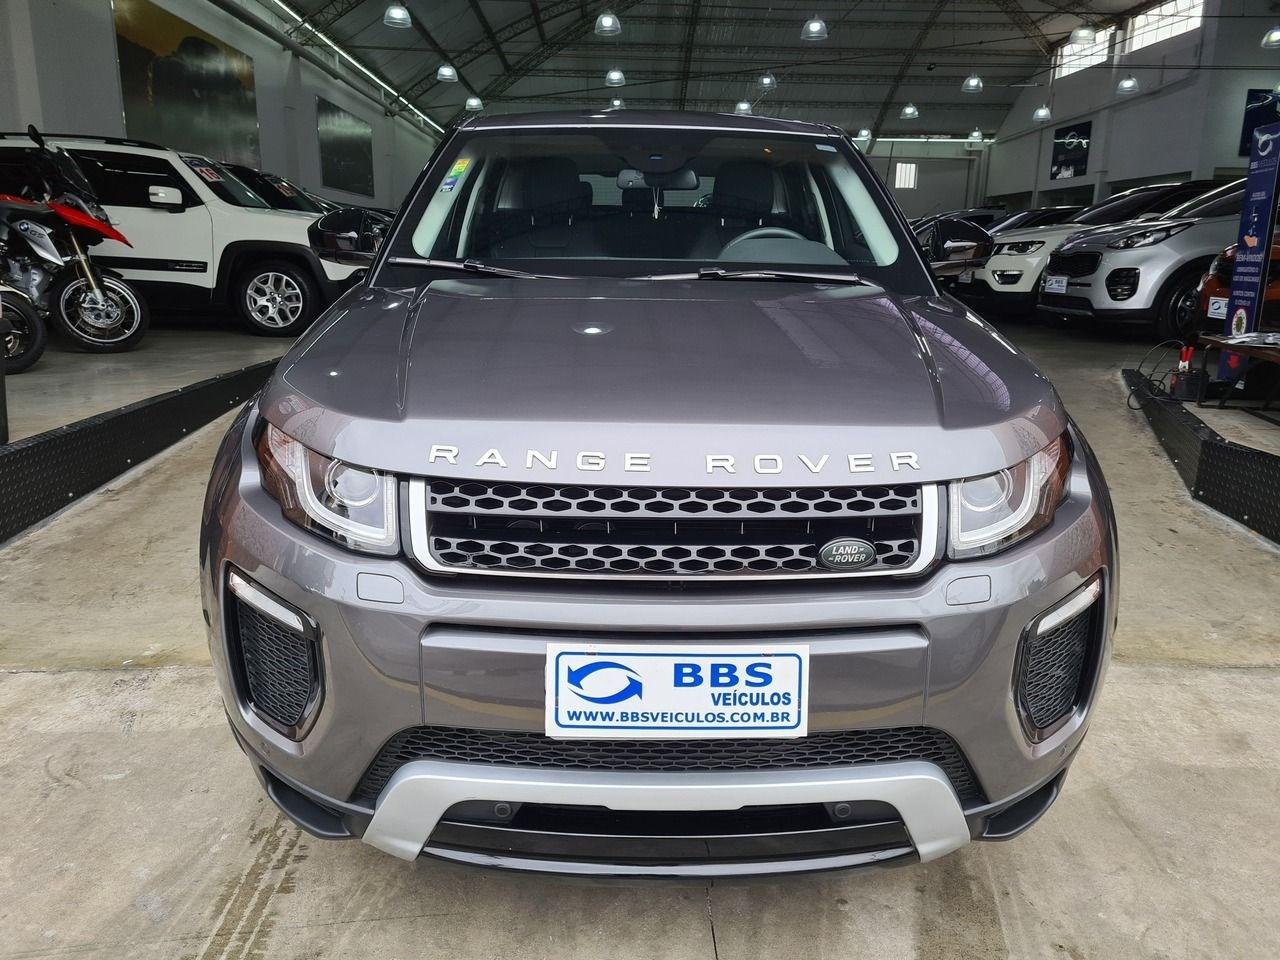 //www.autoline.com.br/carro/land-rover/range-rover-evoque-20-se-dynamic-16v-gasolina-4p-4x4-turbo-autom/2017/sao-paulo-sp/14518867